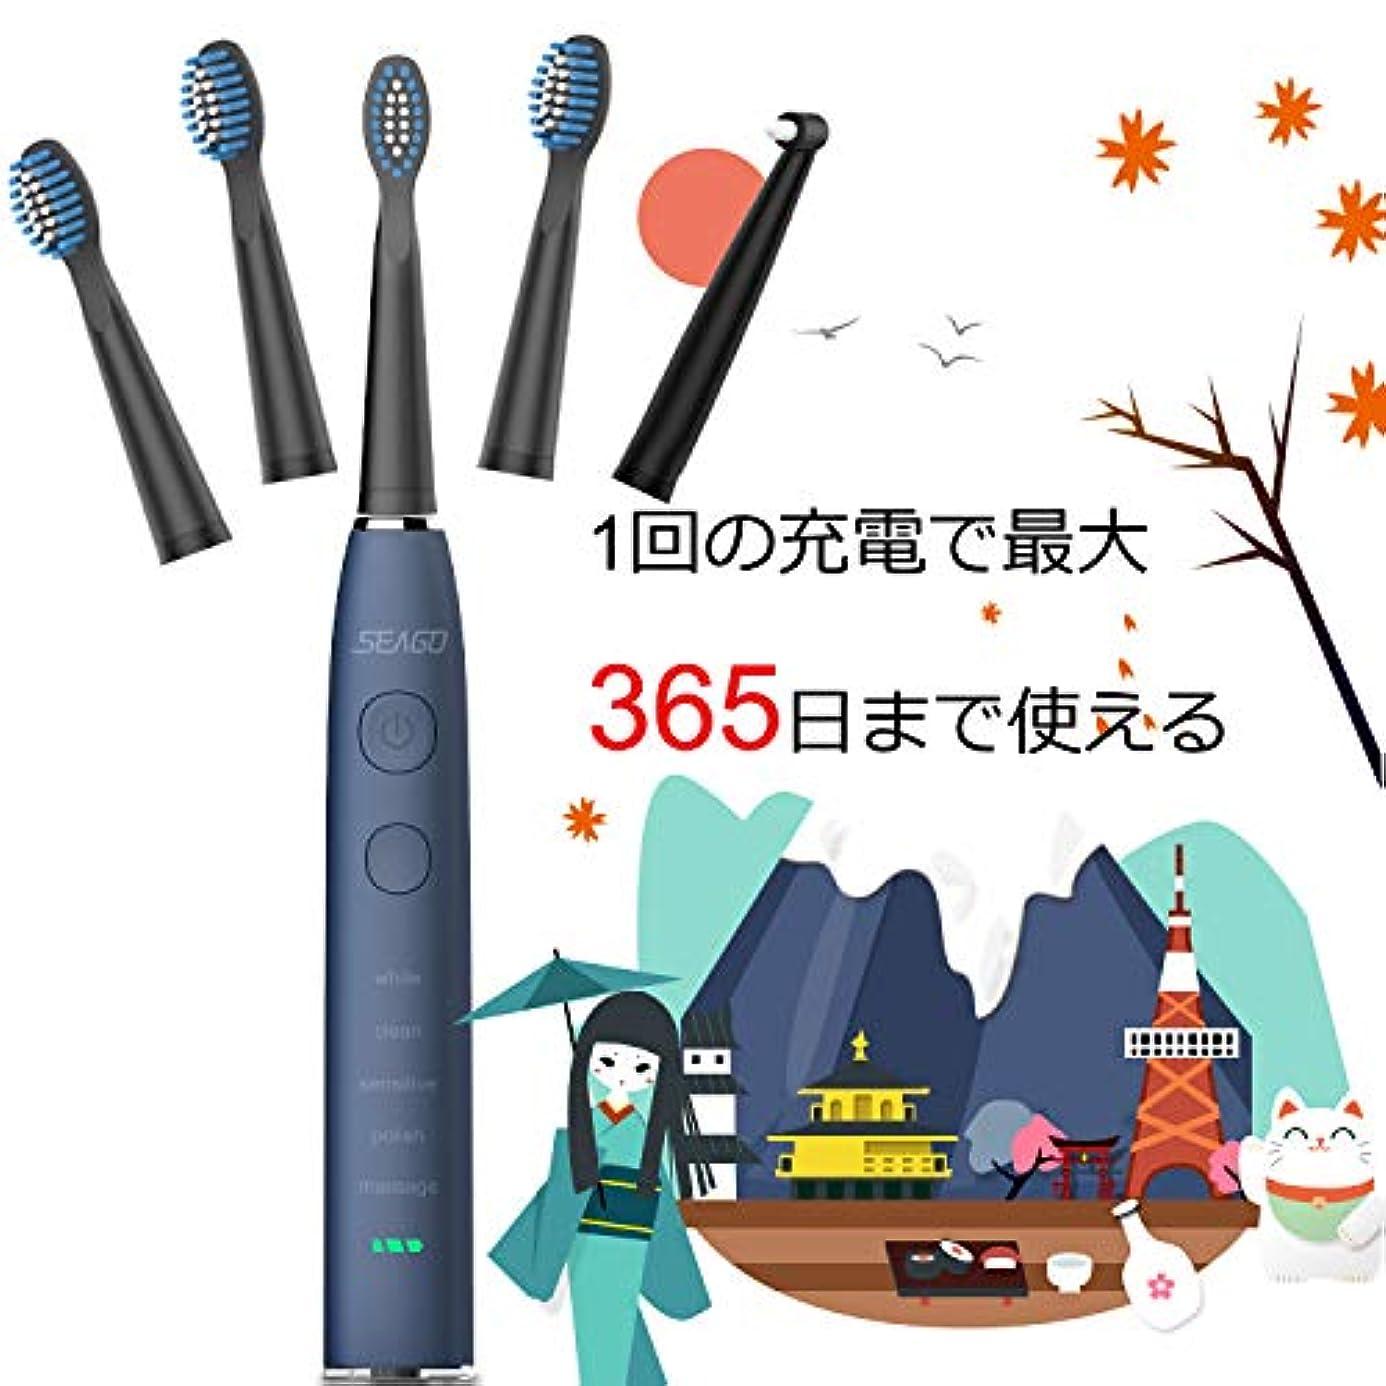 準備ができて険しいスカルク電動歯ブラシ 歯ブラシ seago 音波歯ブラシ USB充電式8時間 365日に使用 IPX7防水 五つモードと2分オートタイマー機能搭載 替えブラシ5本 12ヶ月メーカー保証 SG-575(ブルー)